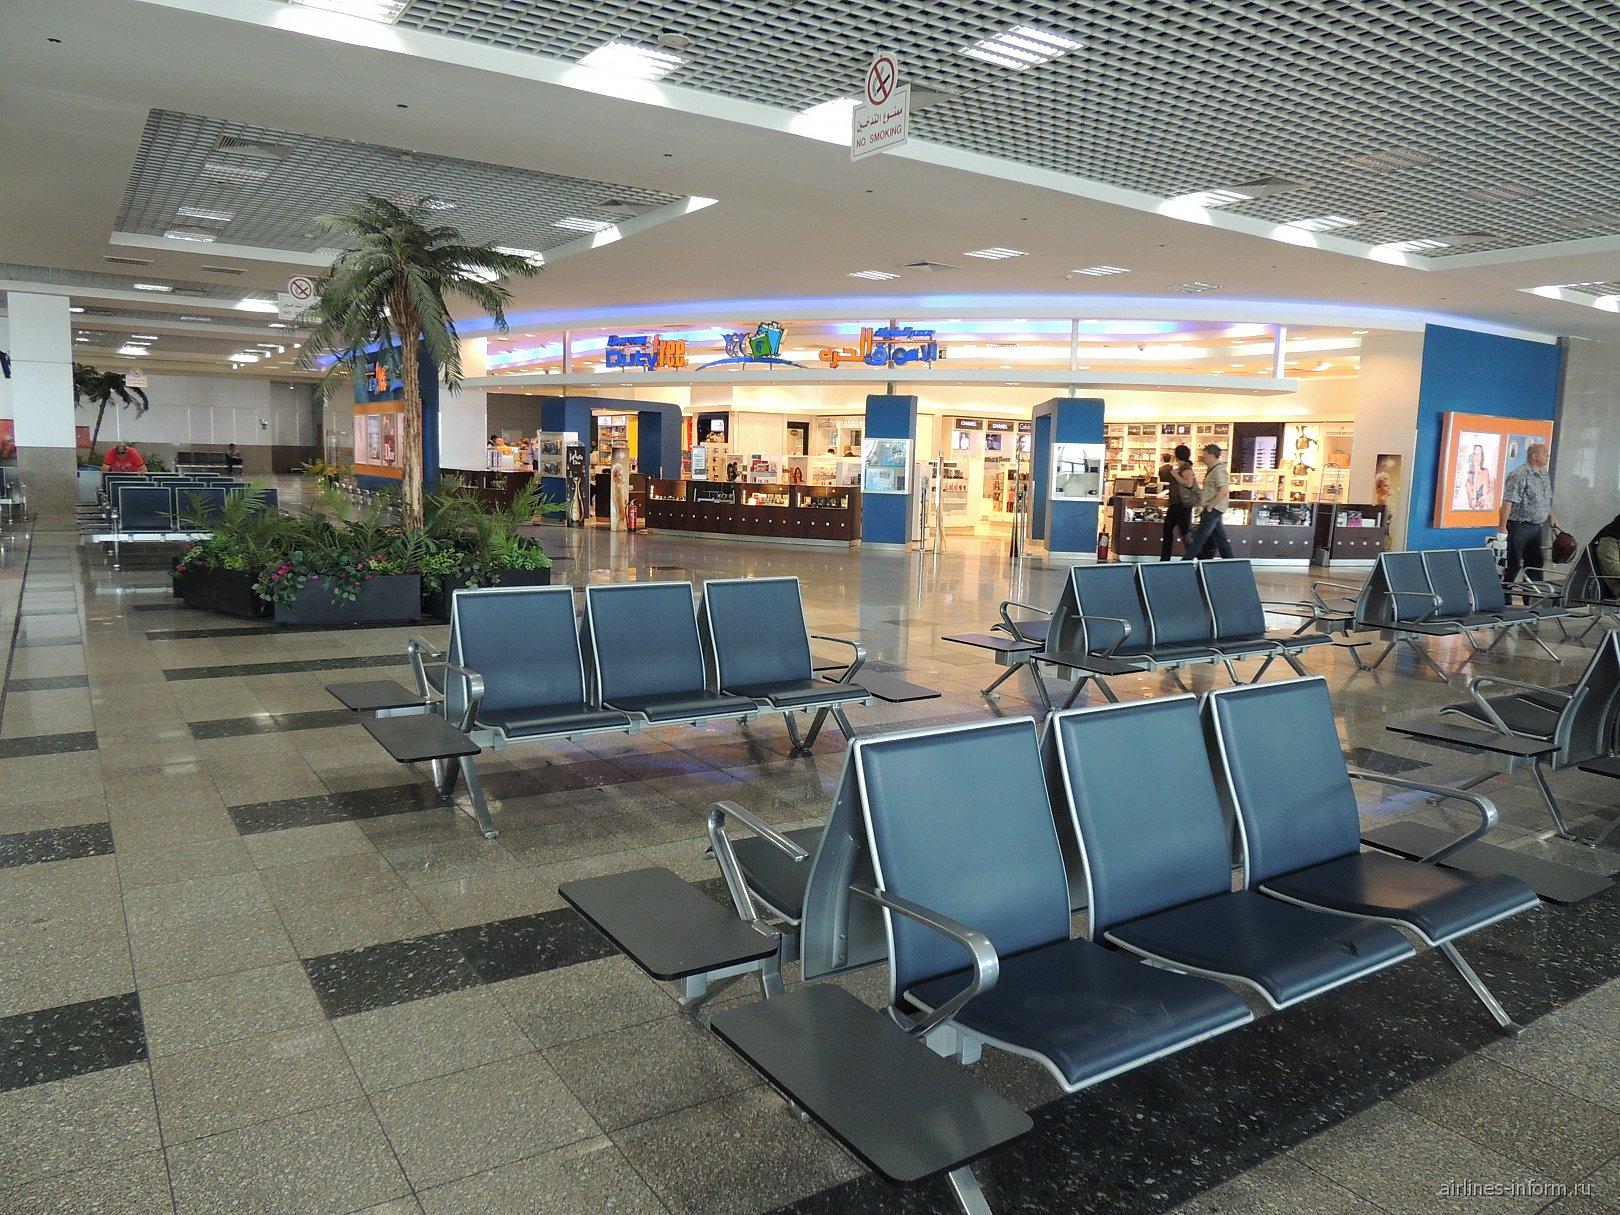 Зал ожидания и магазин дьюти-фри в чистой зоне терминала 2 аэропорта Хургада